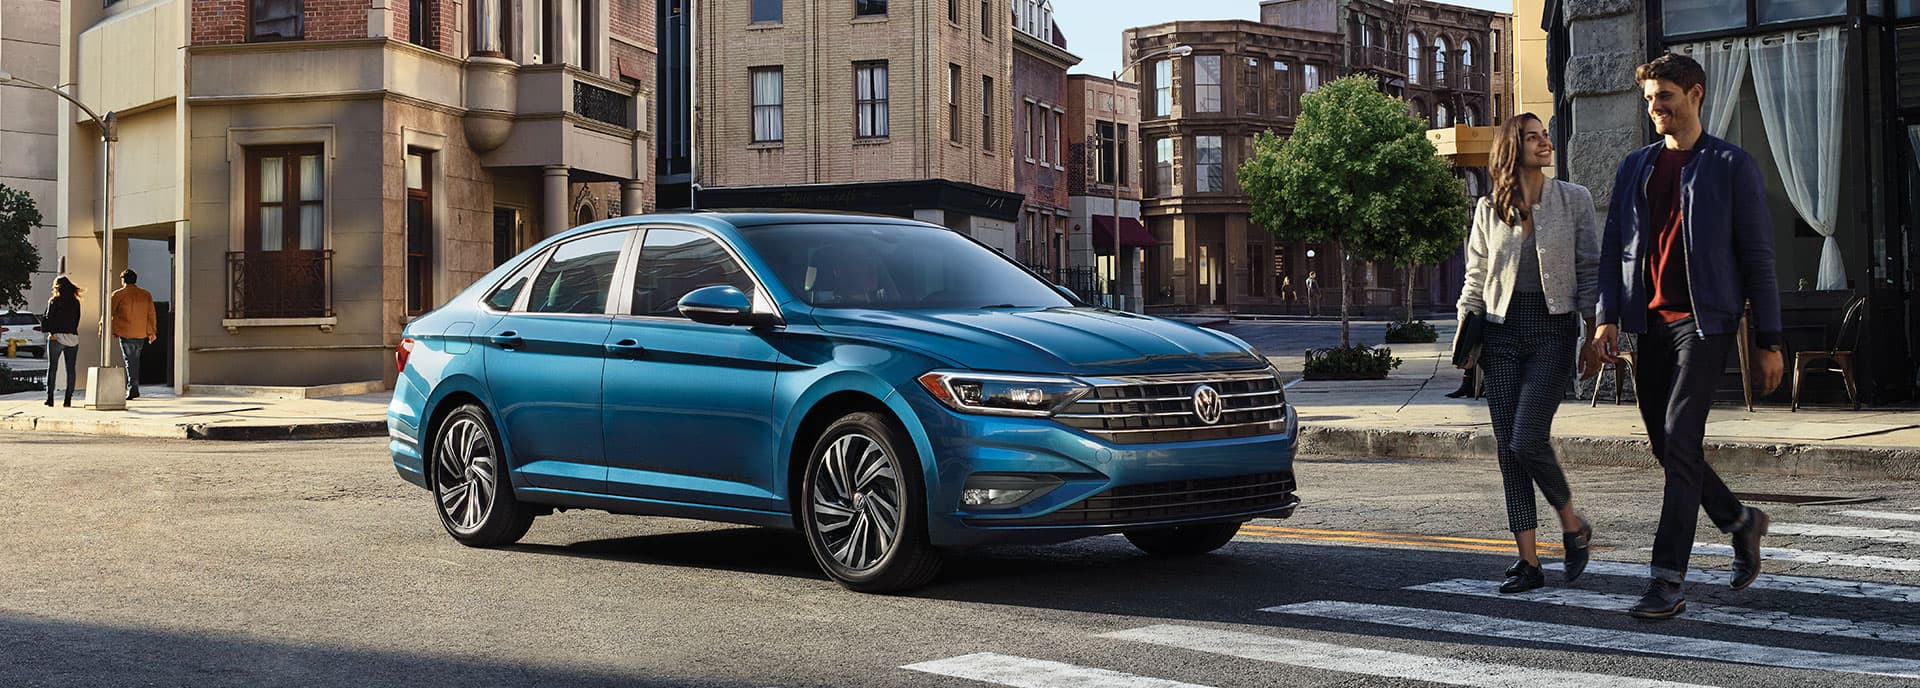 Volkswagen Jetta Hero Image